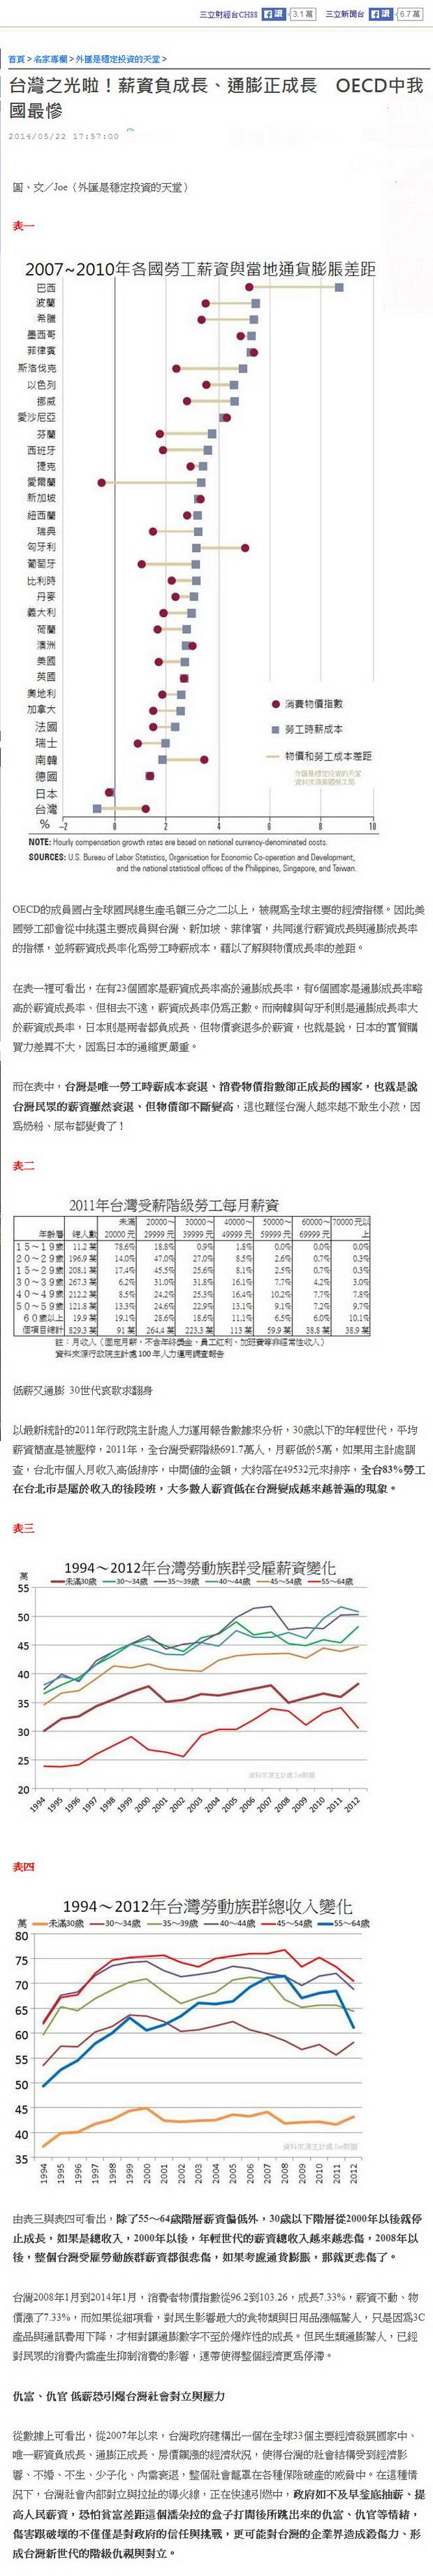 台灣之光啦!薪資負成長、通膨正成長 OECD中我國最慘-2014.05.22.jpg